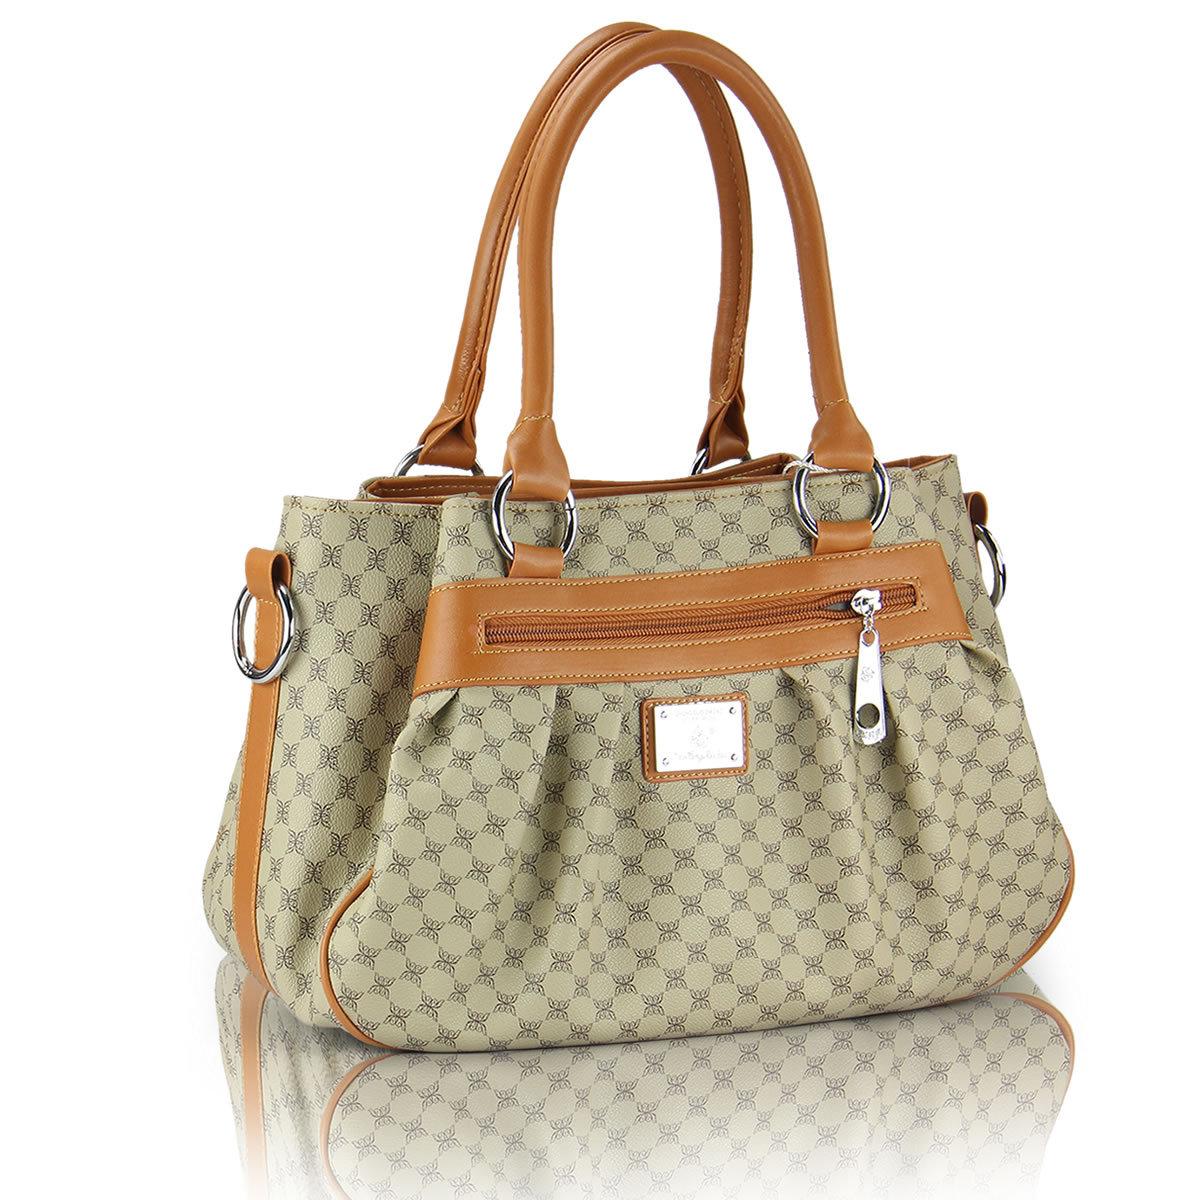 Саншайн мешок красоты Корейская версия 2013 новой зимней моде сумки сумки черная деловая сумка сумка женская.